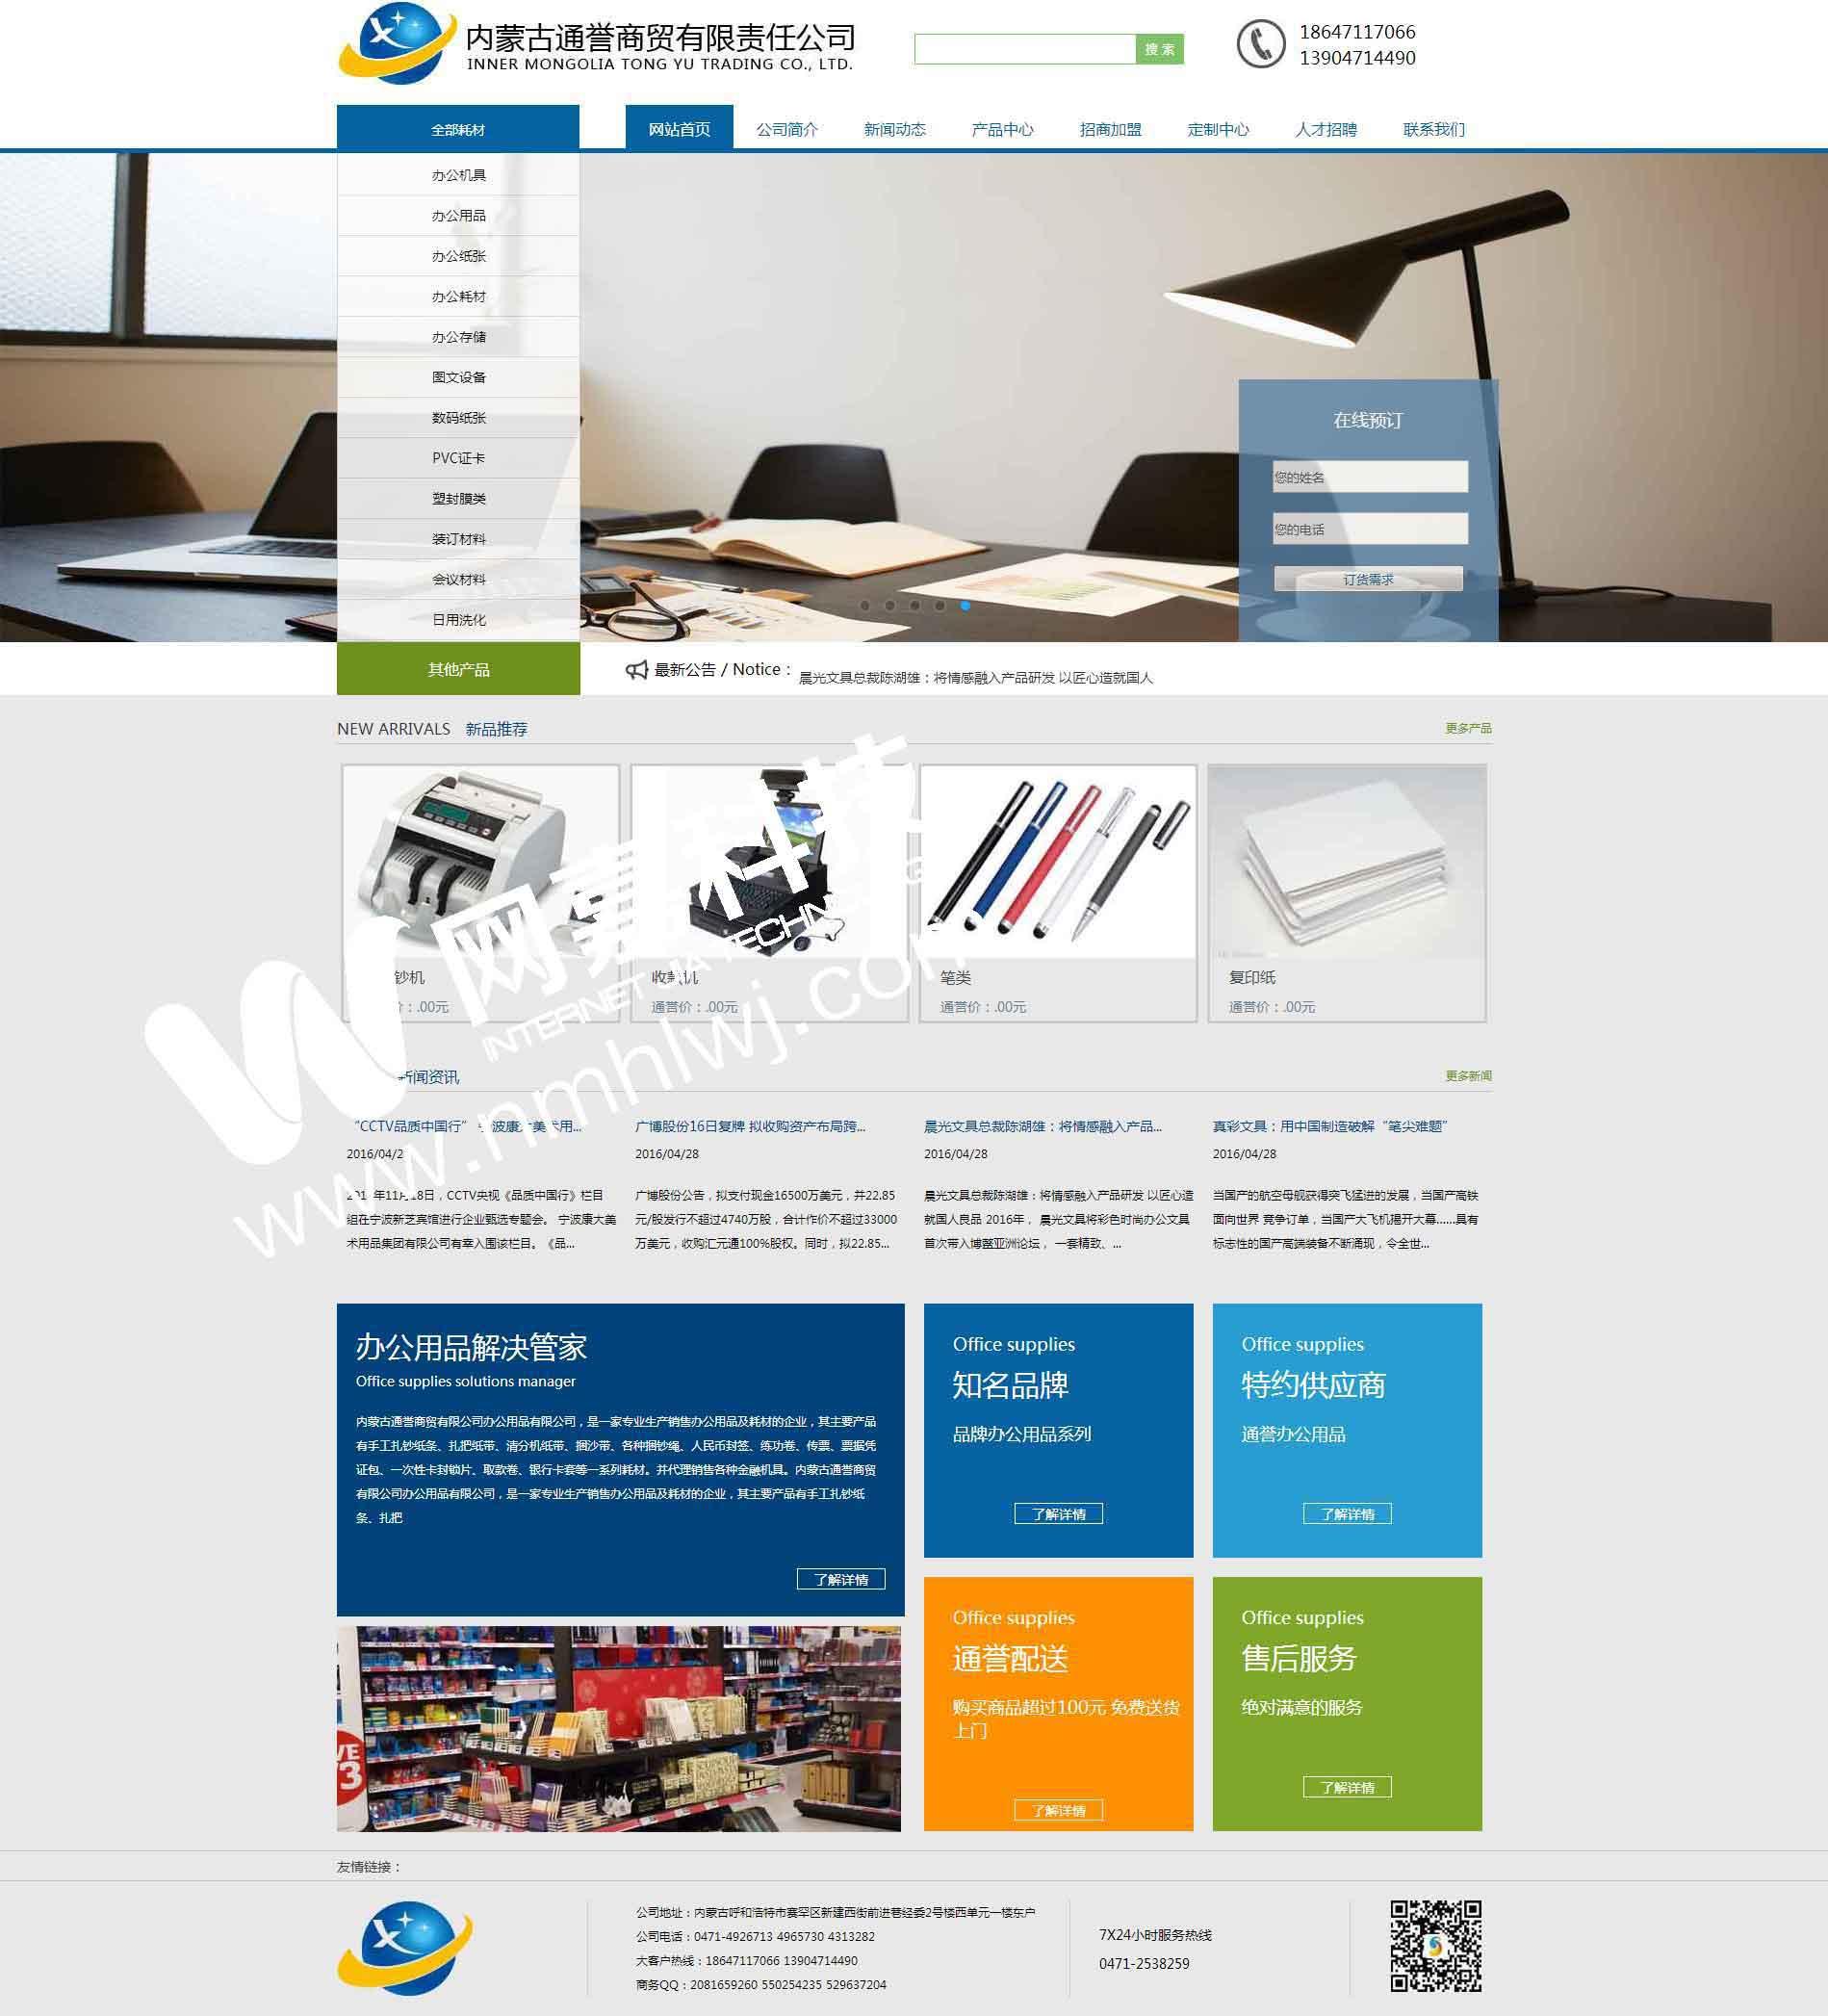 内蒙古通誉商贸有限责任公司-内蒙古网站建设案例